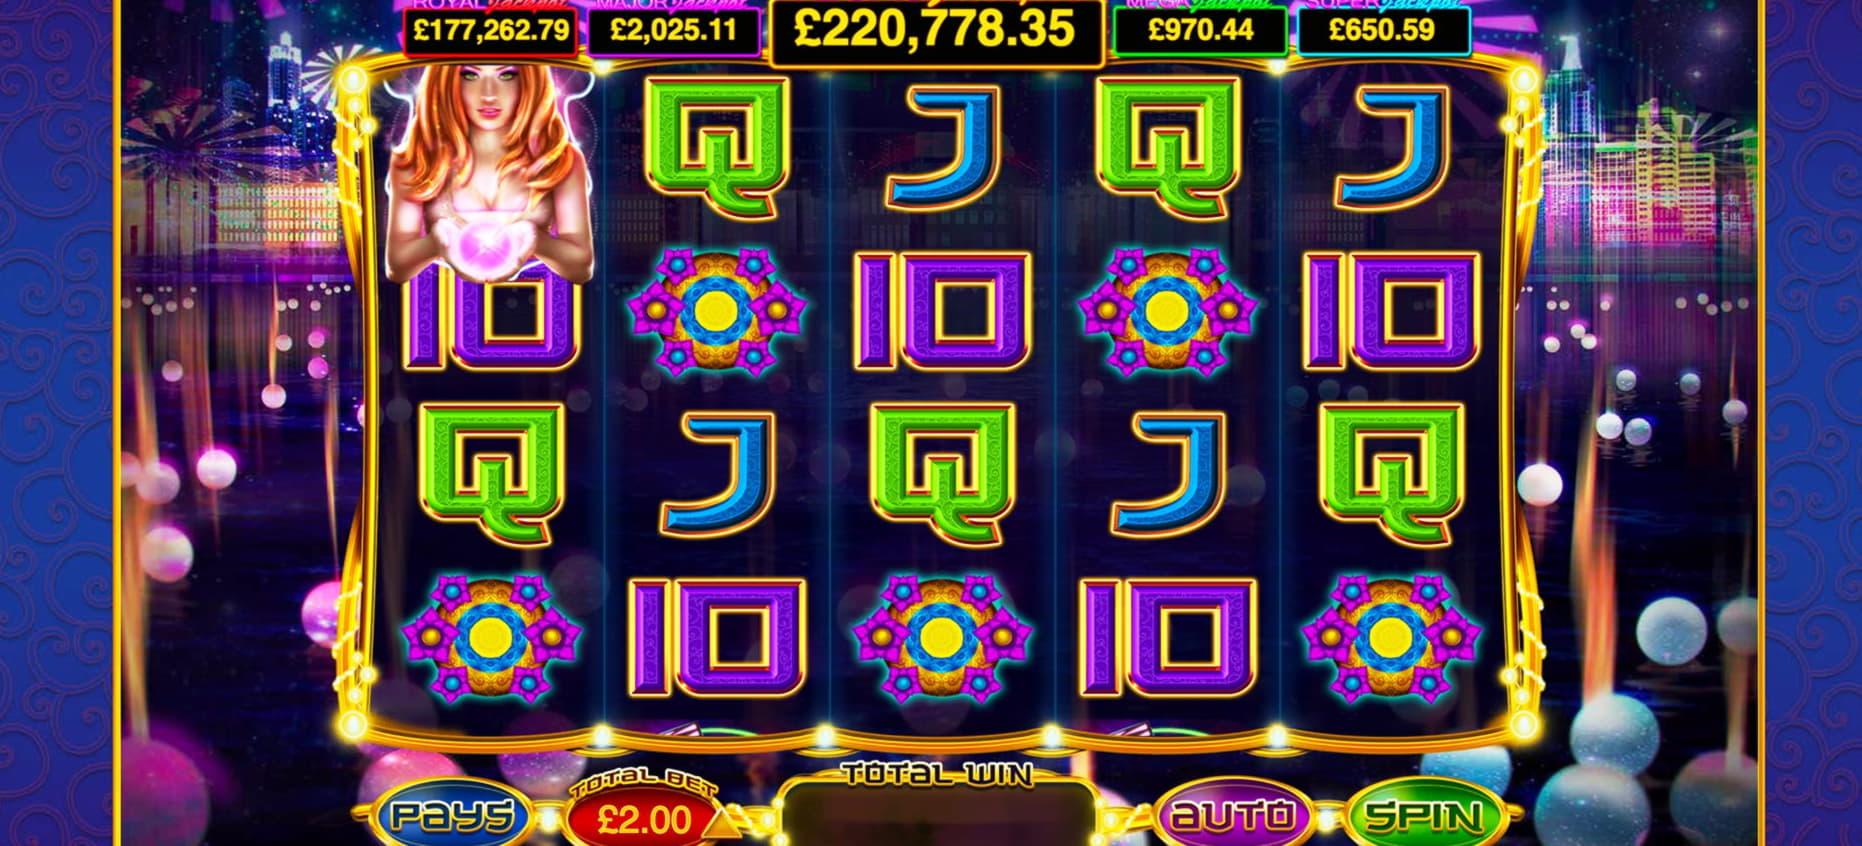 280 free spins no deposit at Royal Vegas Casino